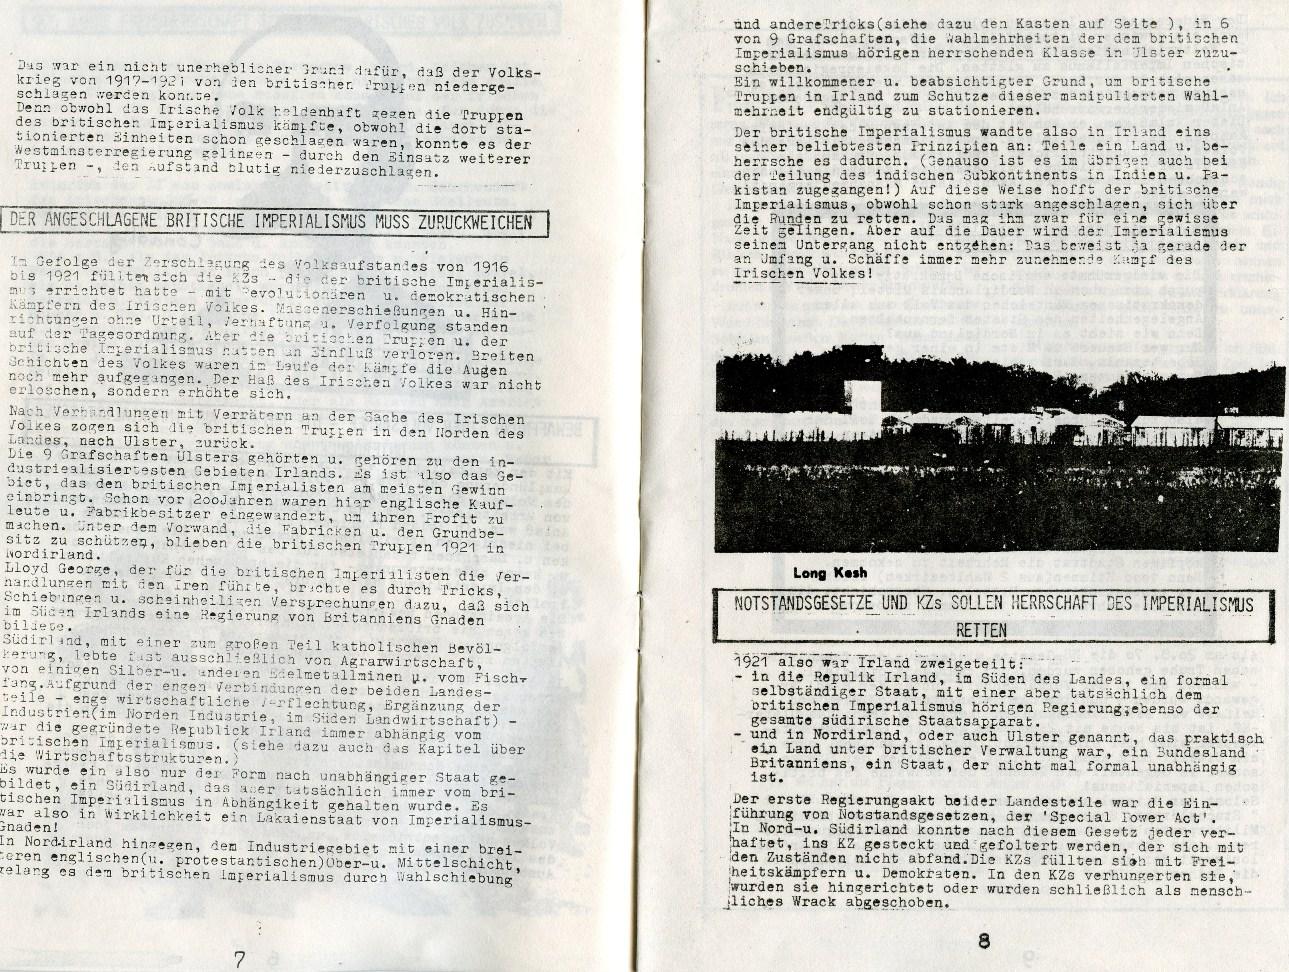 KJVD_Irlandbroschuere_1972_05